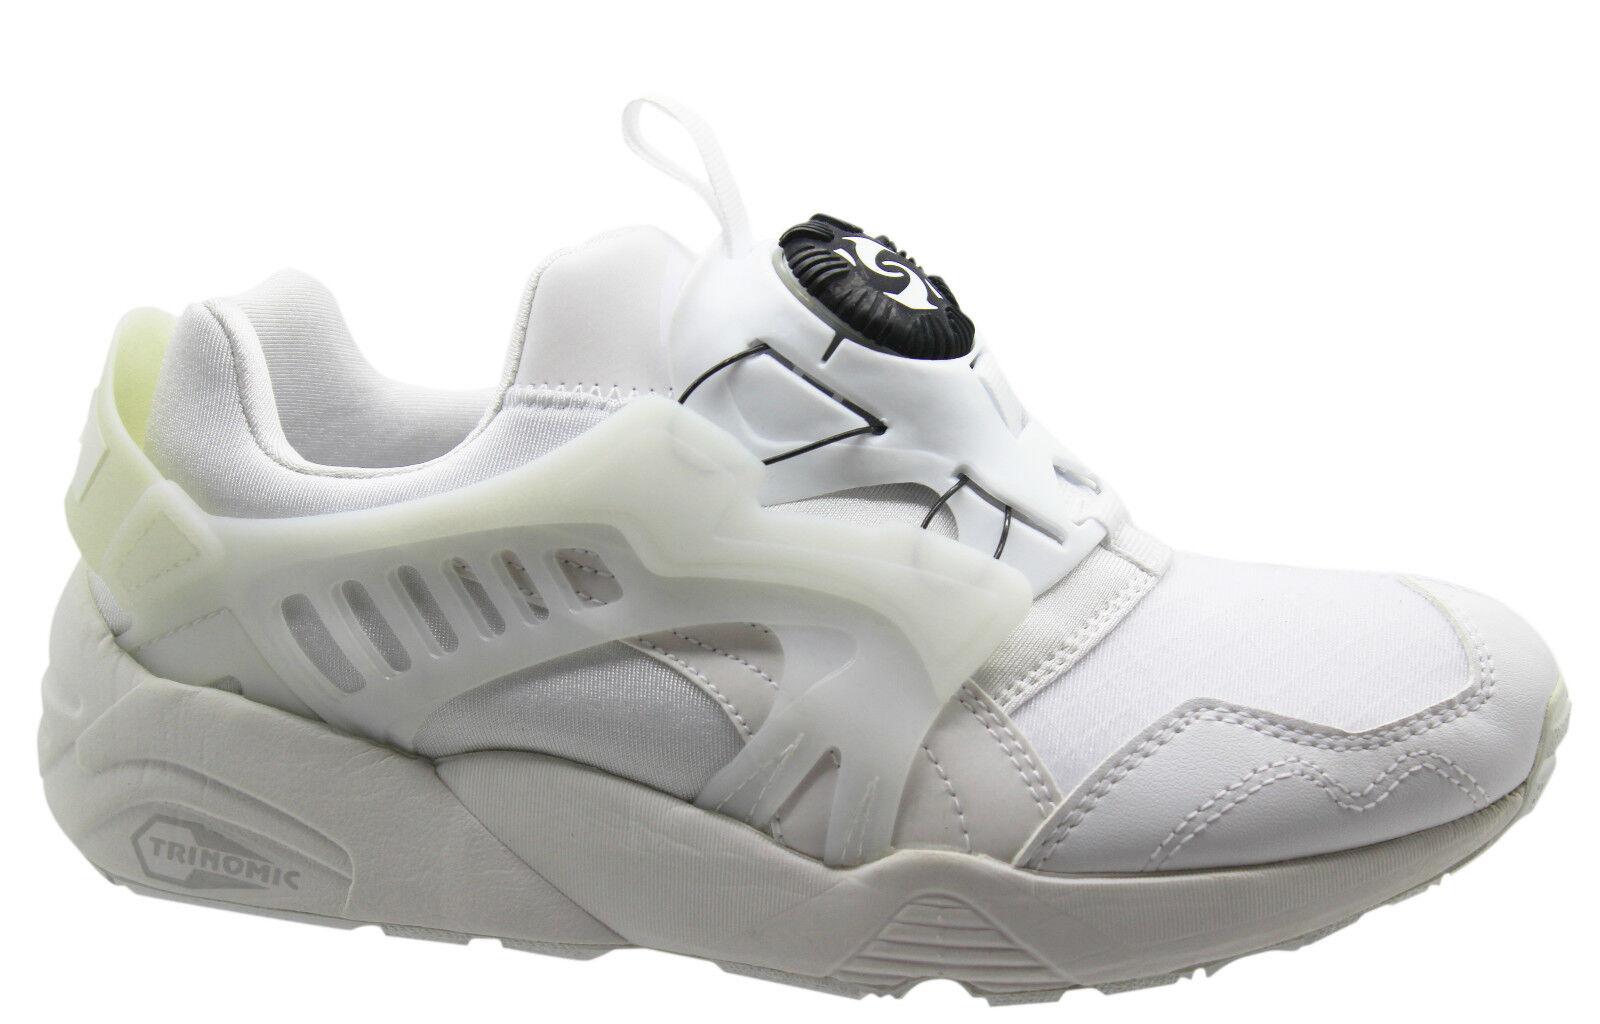 Puma trinomic Disc Trainers Blaze blanco negro moderno Hombre Trainers Disc Slip on 358324 01 P3 el último descuento zapatos para hombres y mujeres fe1853